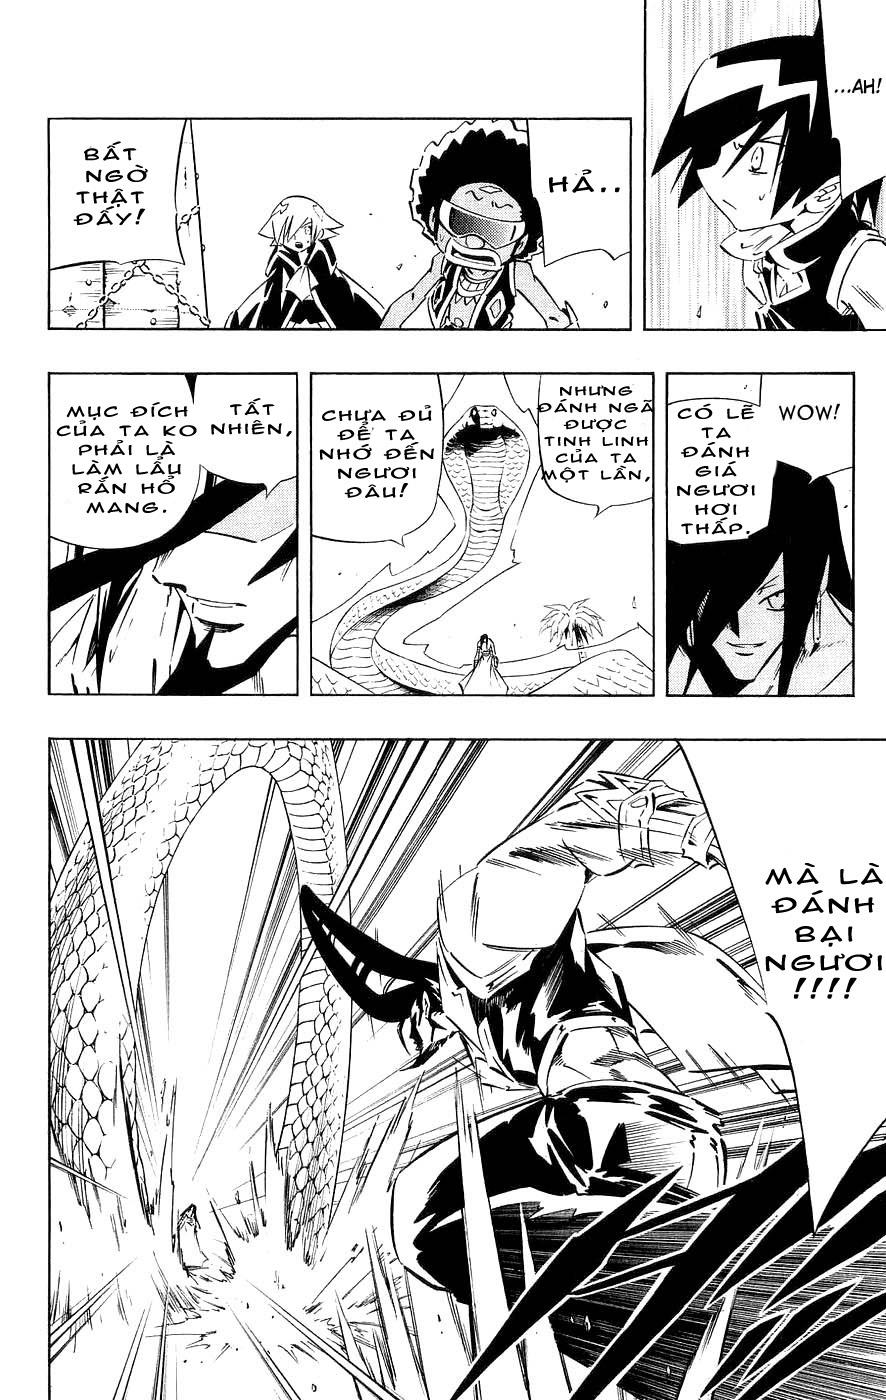 Vua Pháp Thuật-Shaman King chap 268 Trang 8 - Mangak.info